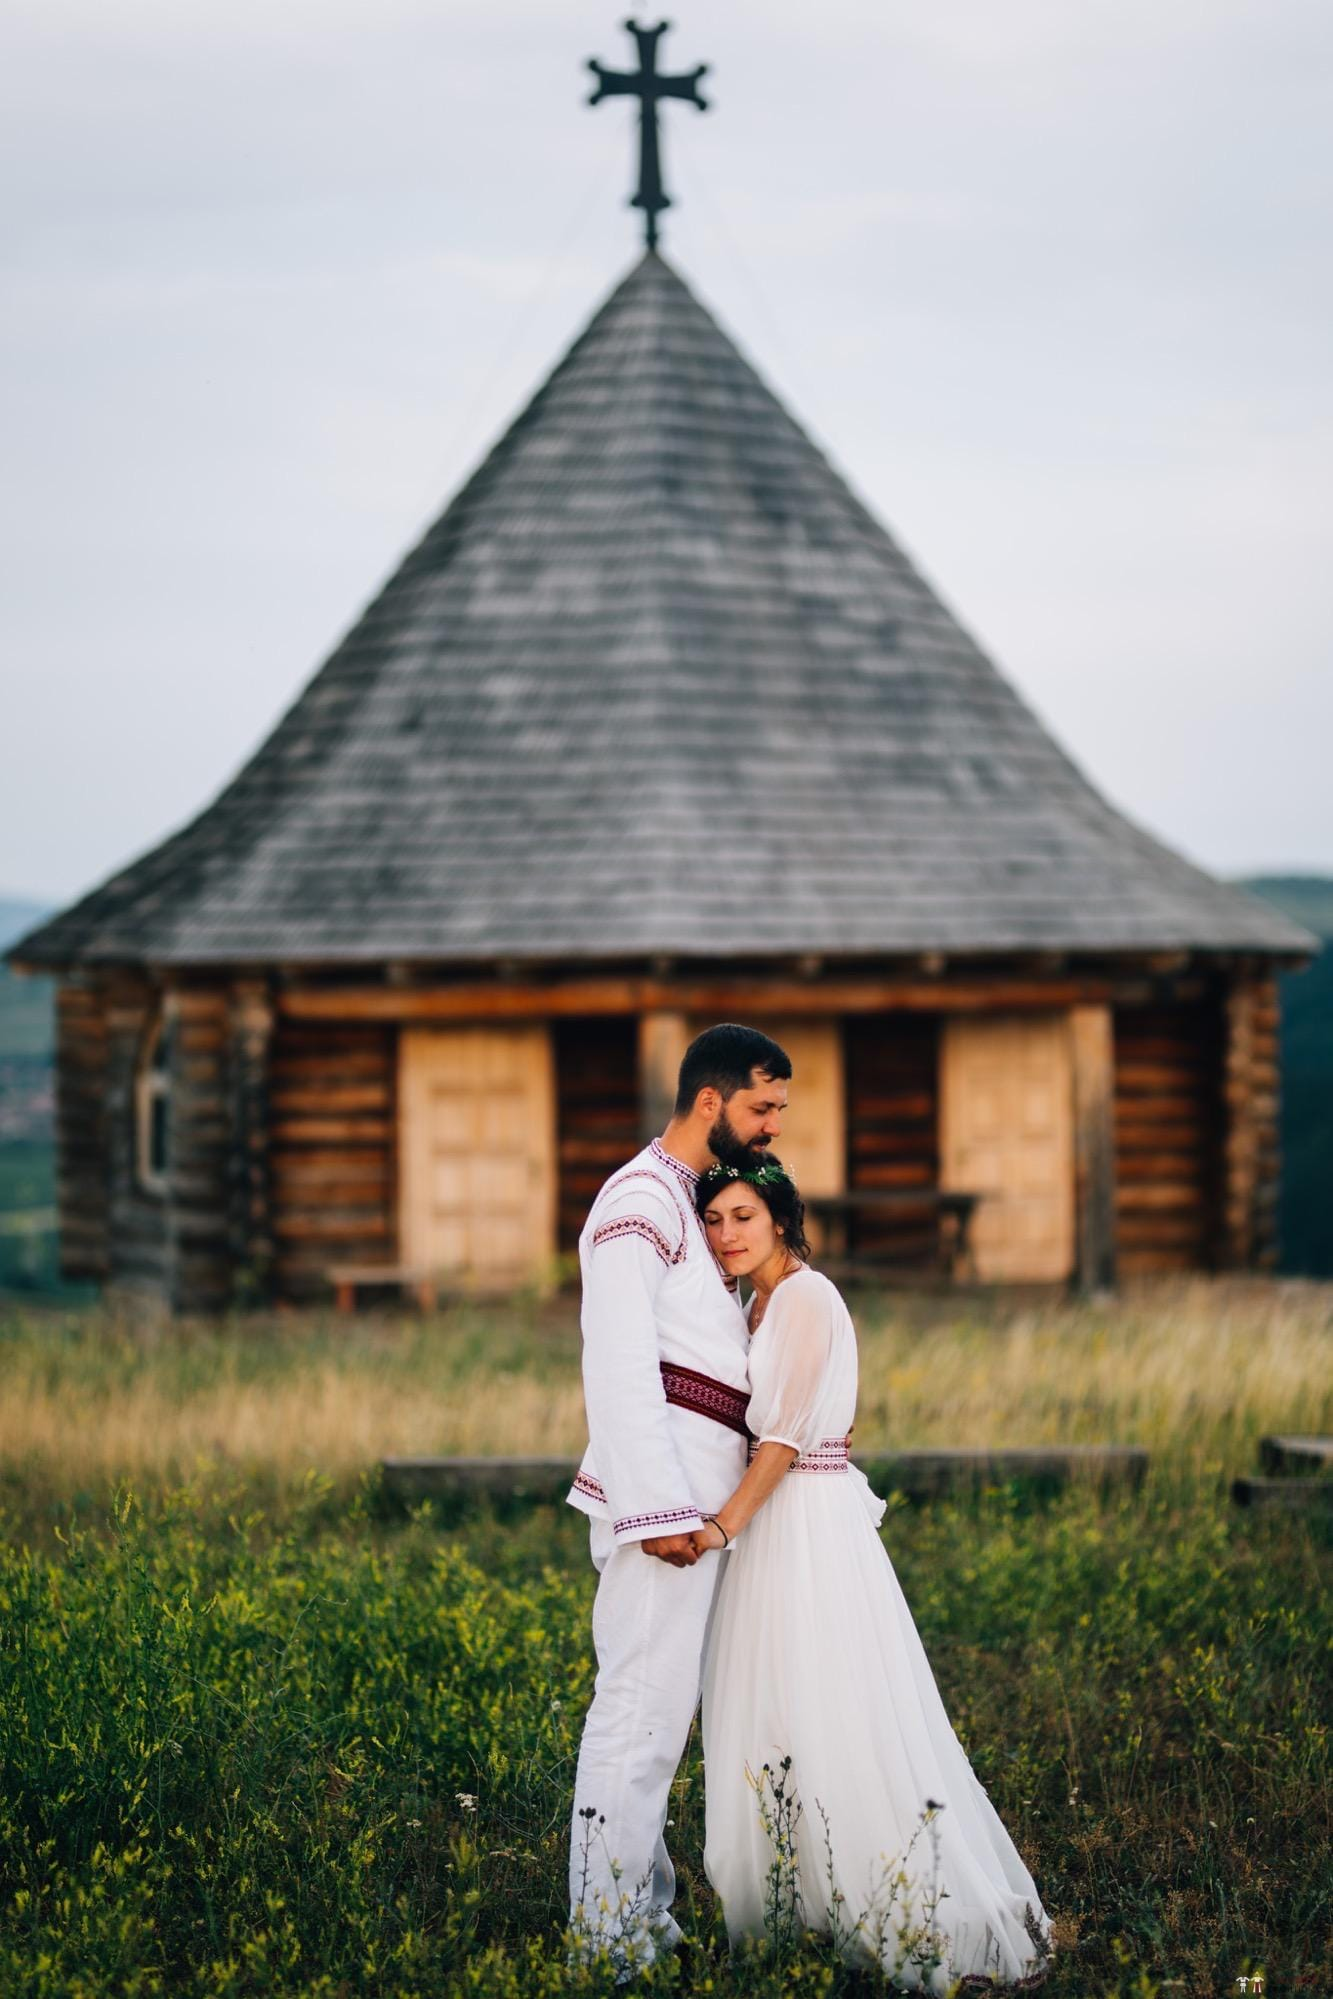 Povești Nunți Tradiționale - Diana și Bogdan. Nuntă tradițională în Găbud, Alba 28